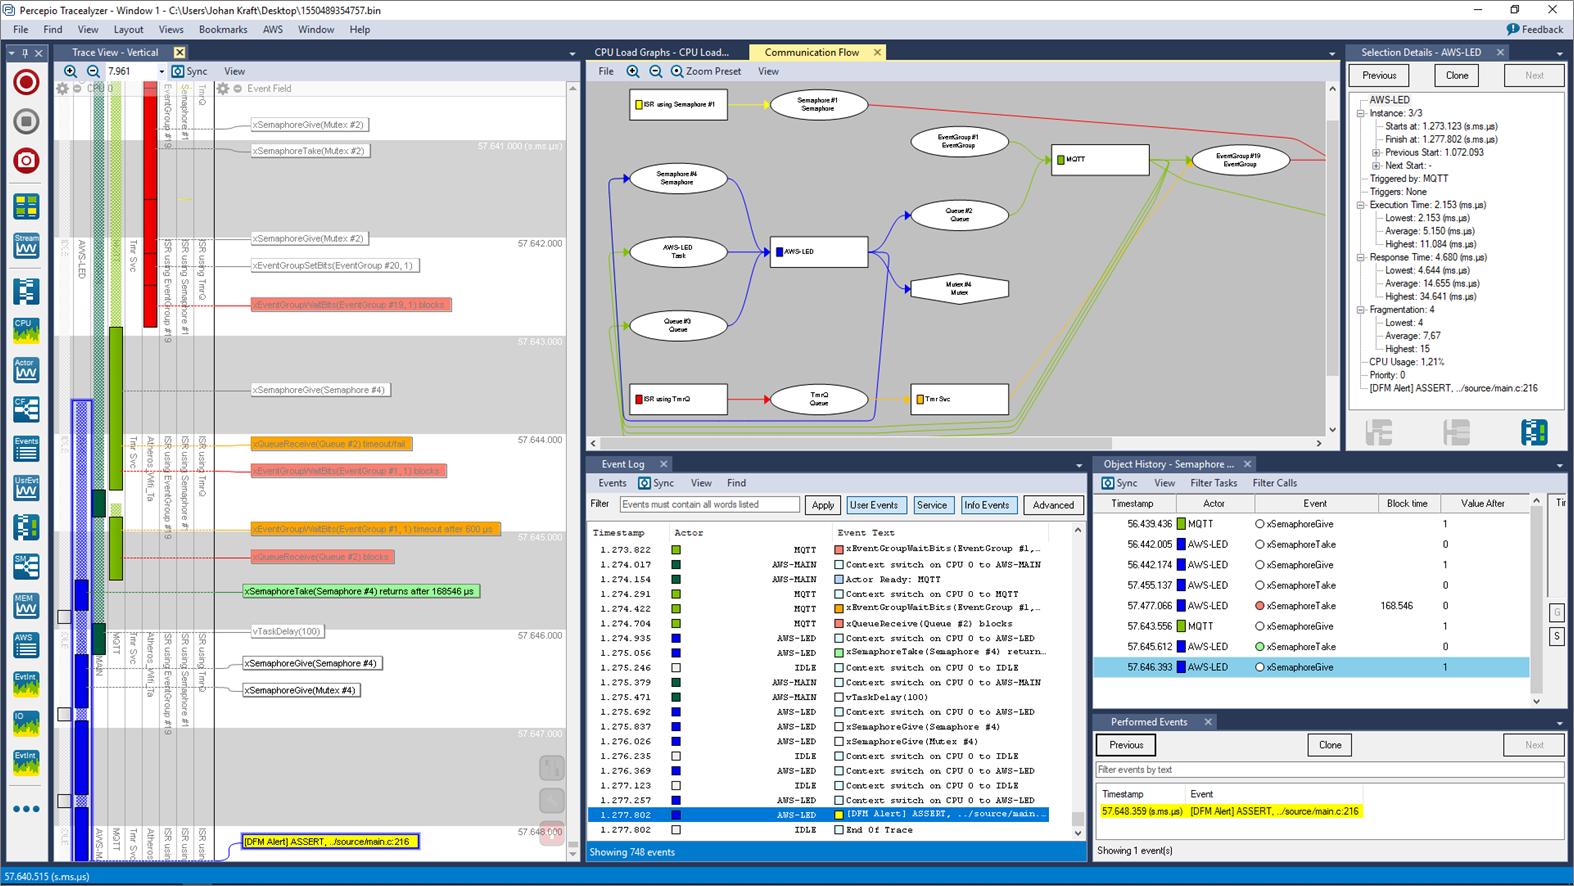 Percepio-DevAlert-AWS-IoT-2